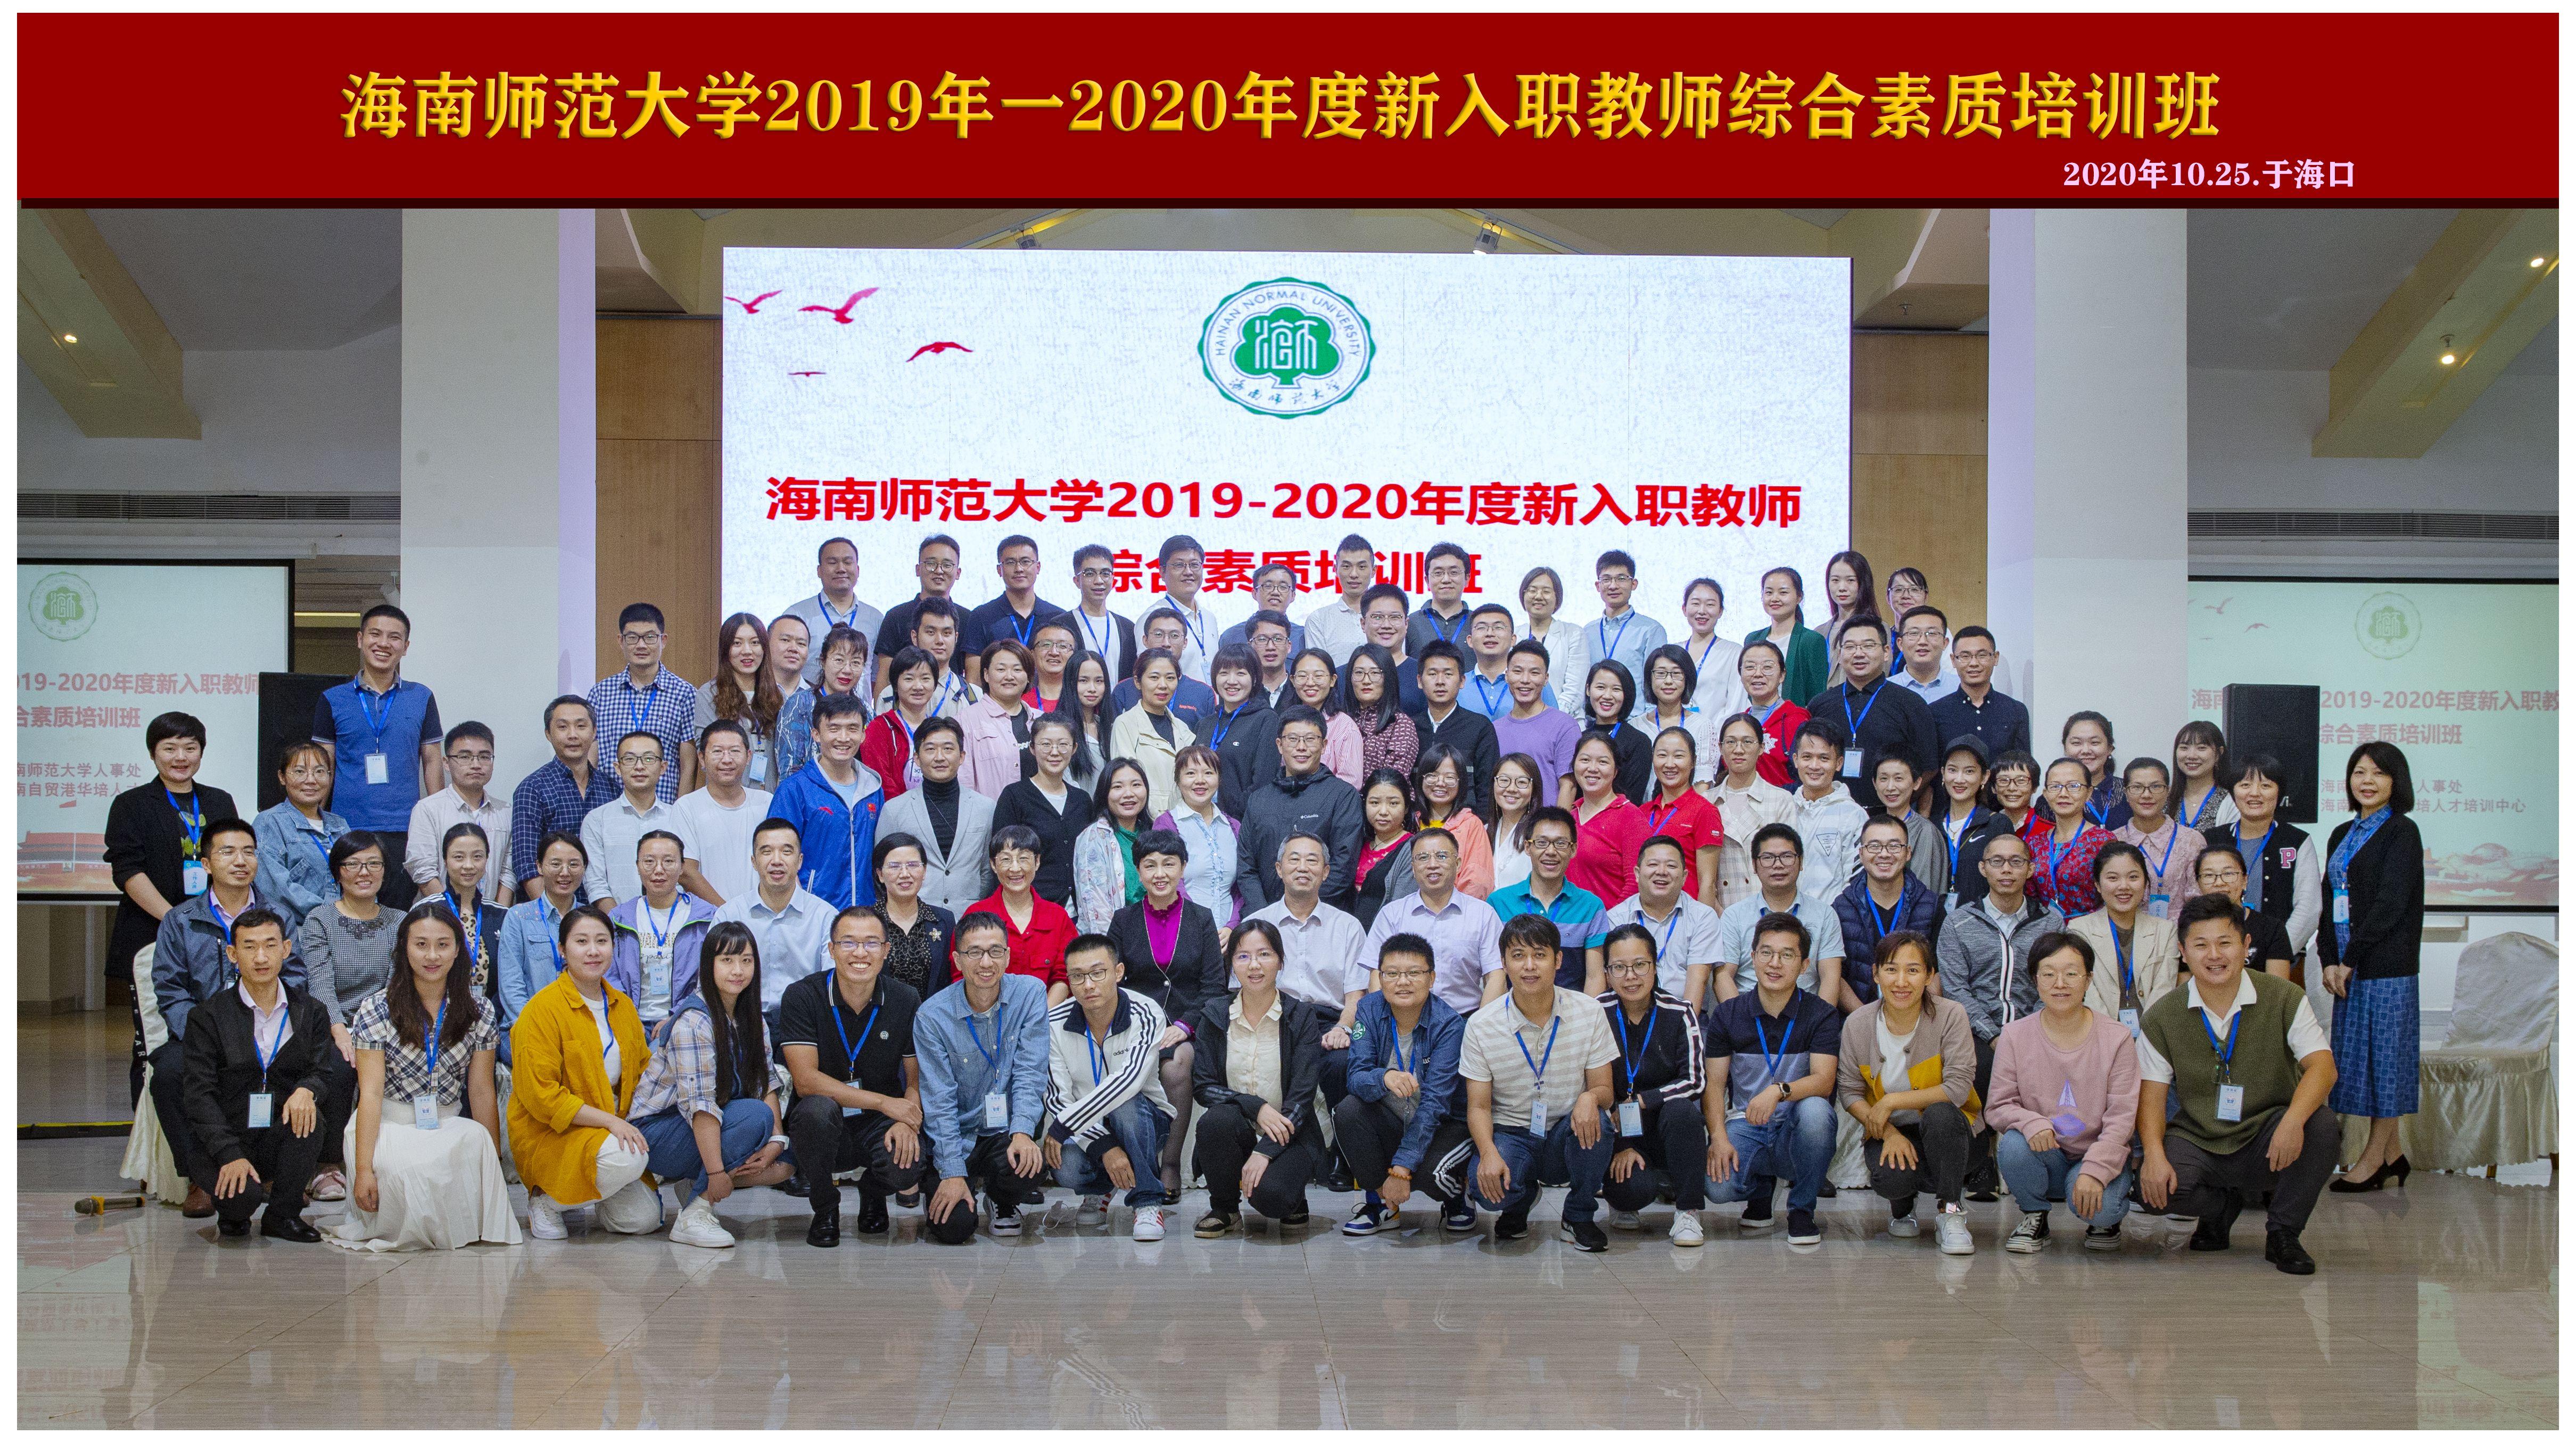 海南师范大学2019—2020年度新入职教师综合素质培训顺利开班